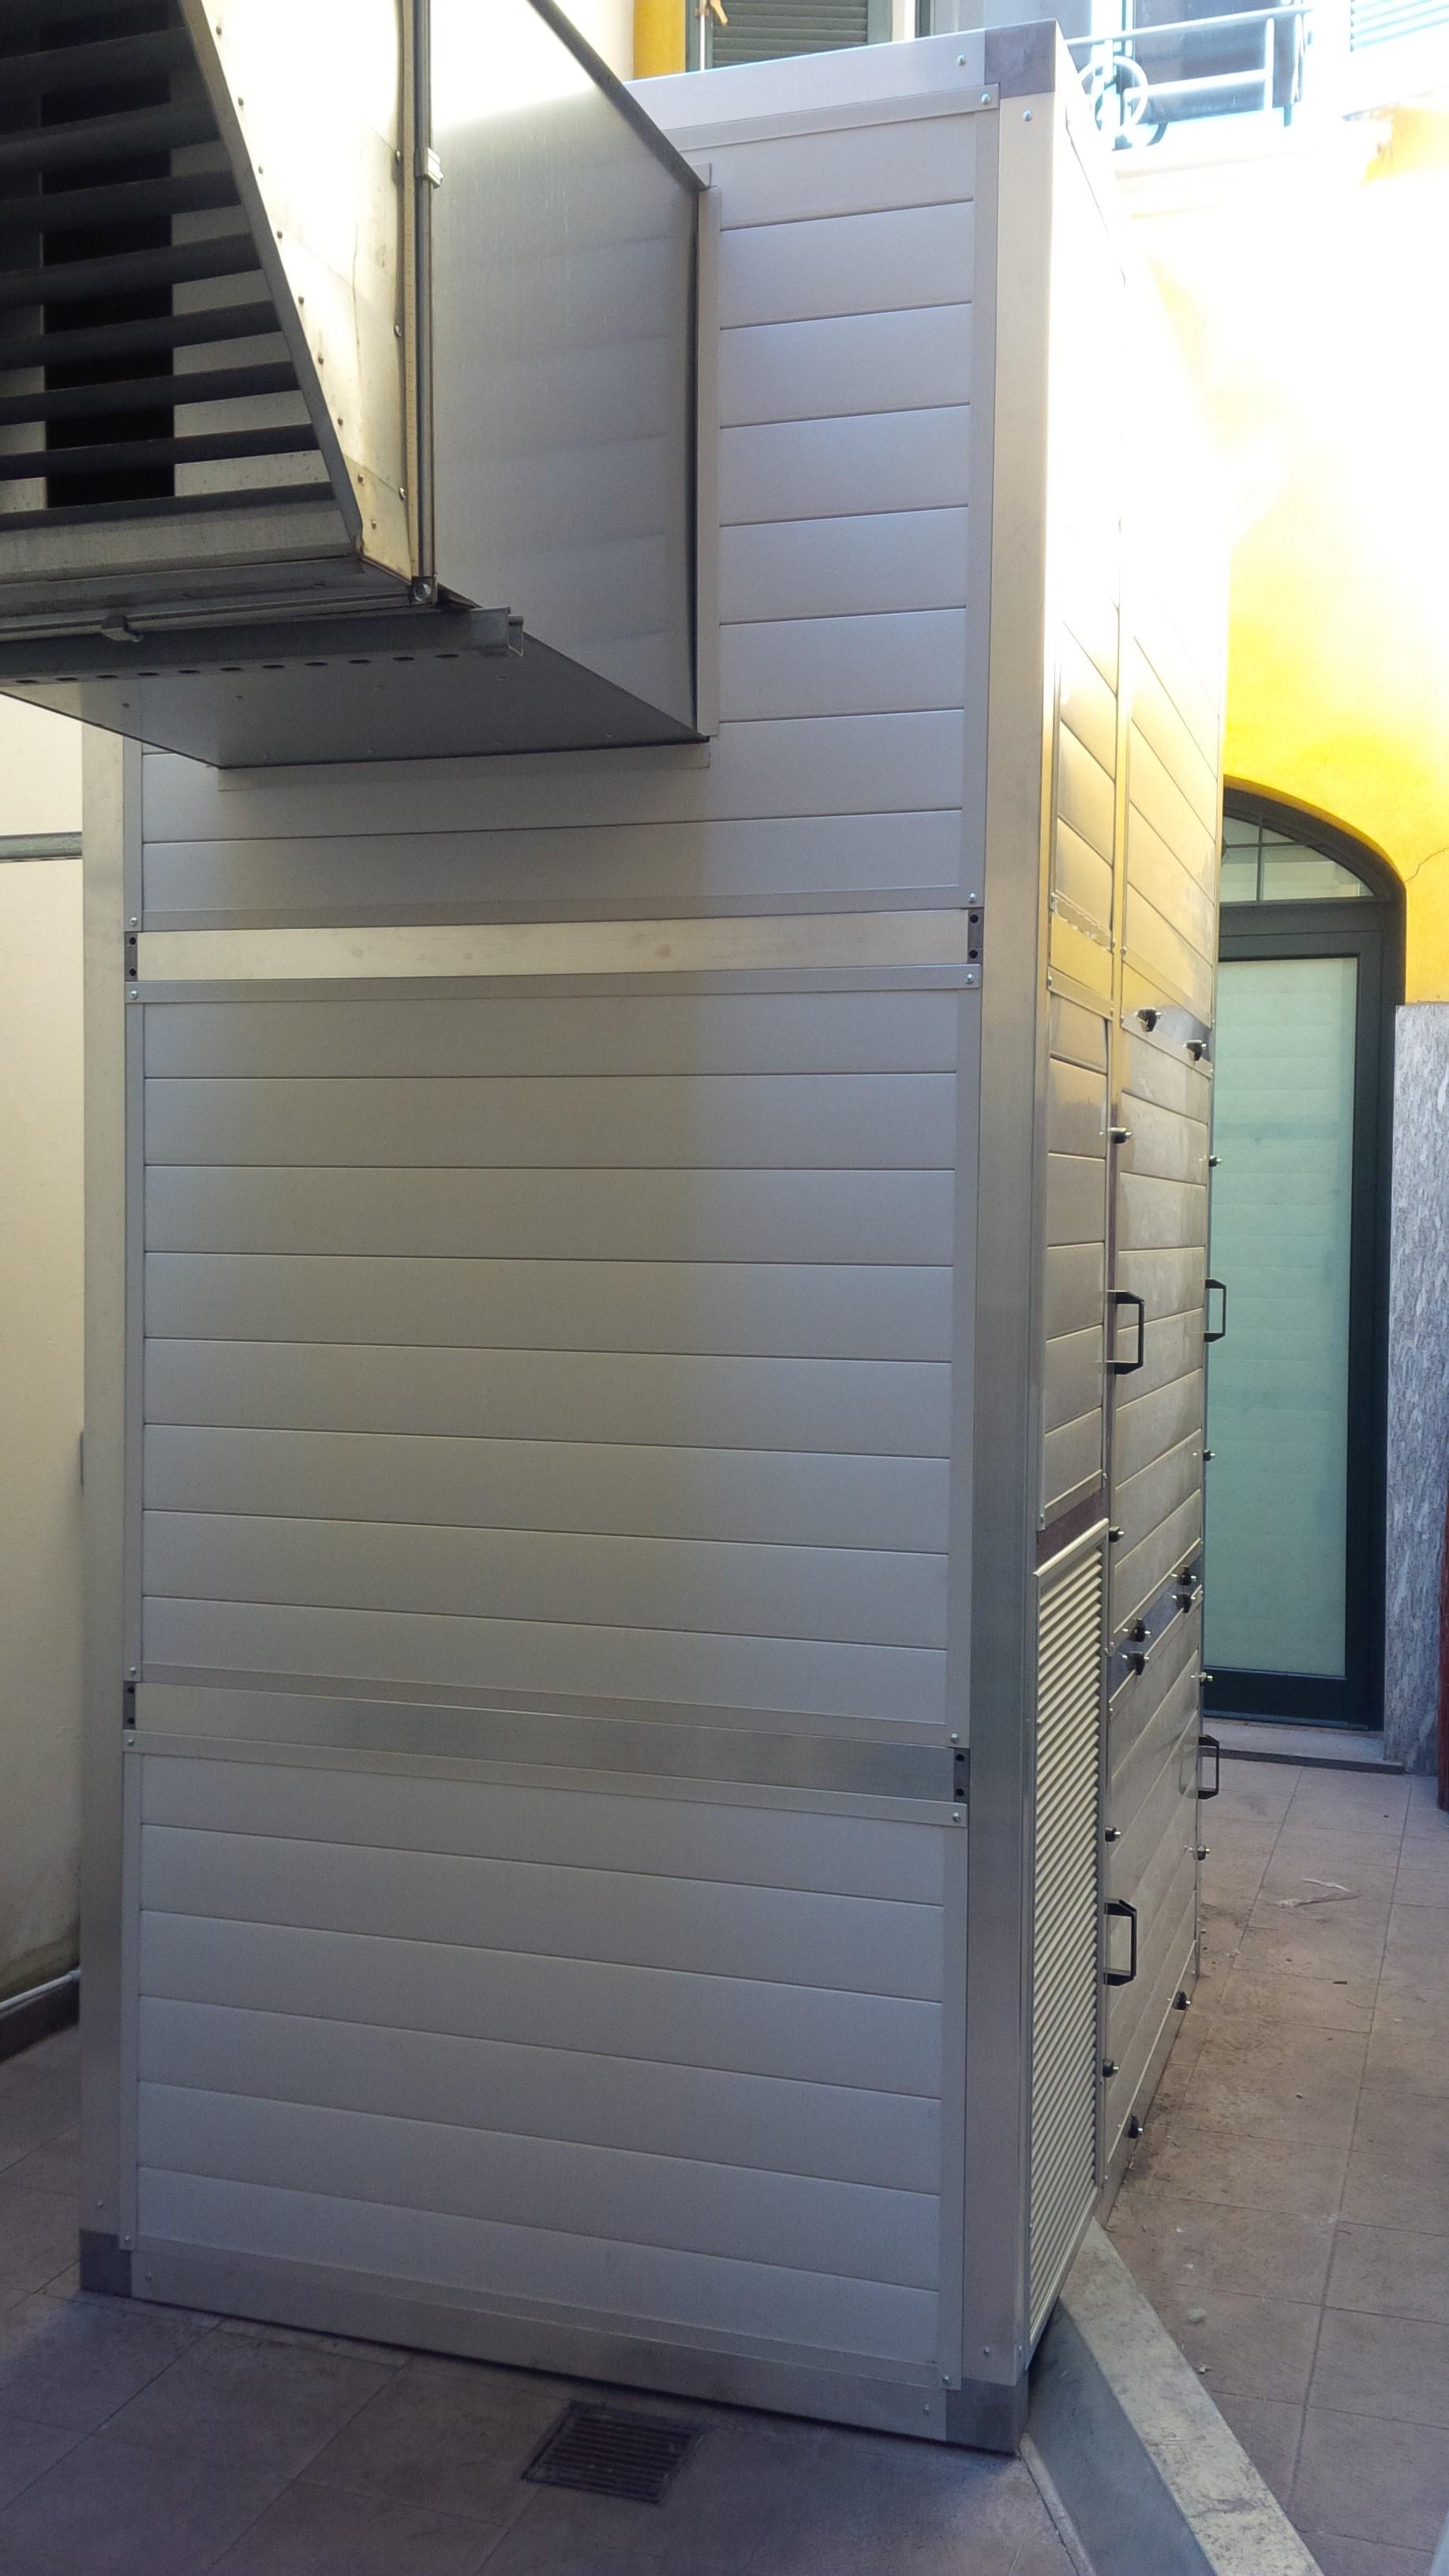 Cabina silente per impianto condizionamento presa daria silenziata con setti acustici